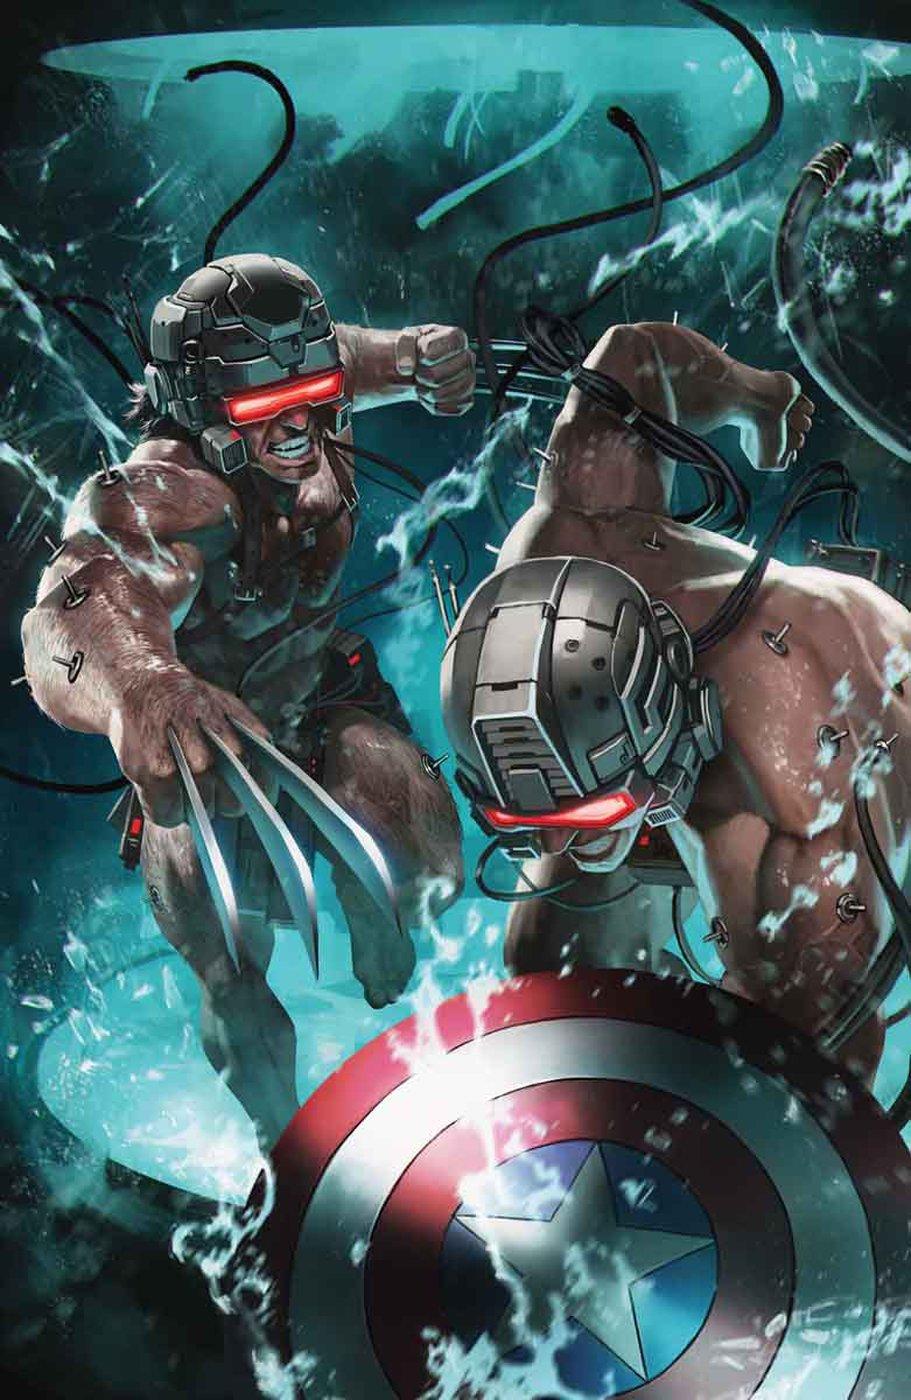 Как связаны Росомаха, Капитан Америка иФантомекс? Marvel тизерит новых участников Оружия Плюс  | Канобу - Изображение 5